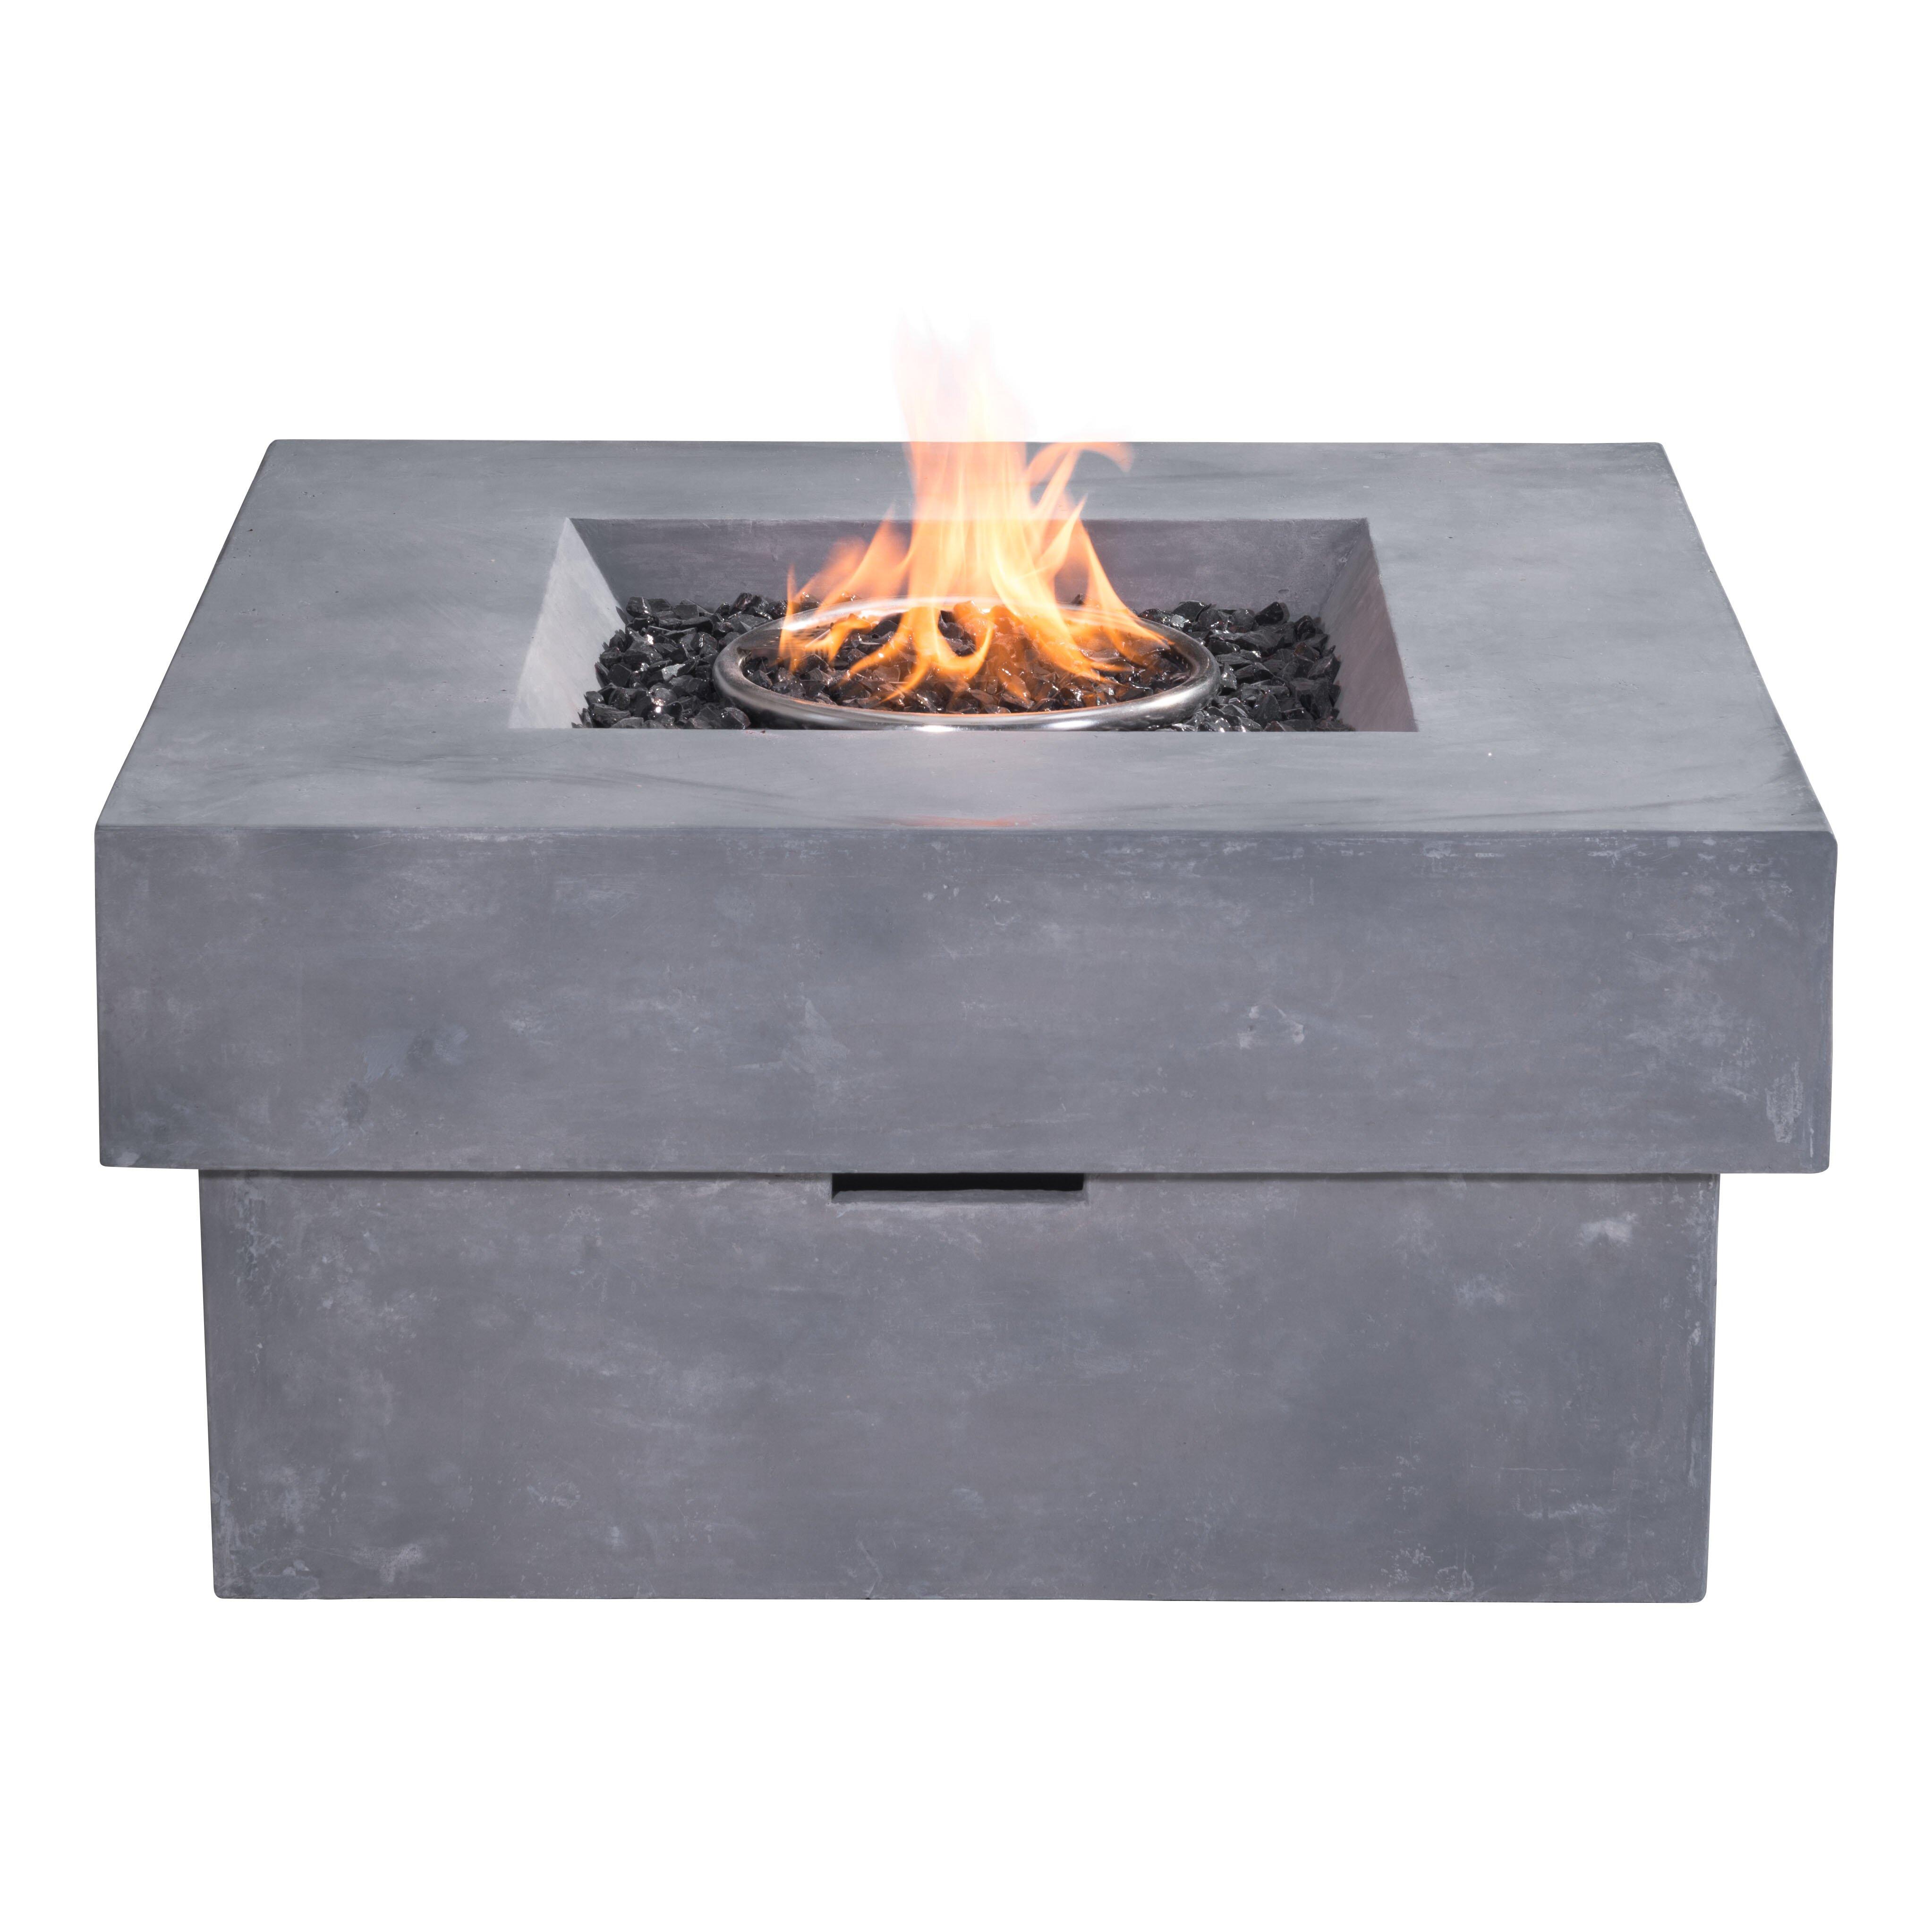 dcor design diablo concrete fiber propane fire pit table reviews wayfair. Black Bedroom Furniture Sets. Home Design Ideas